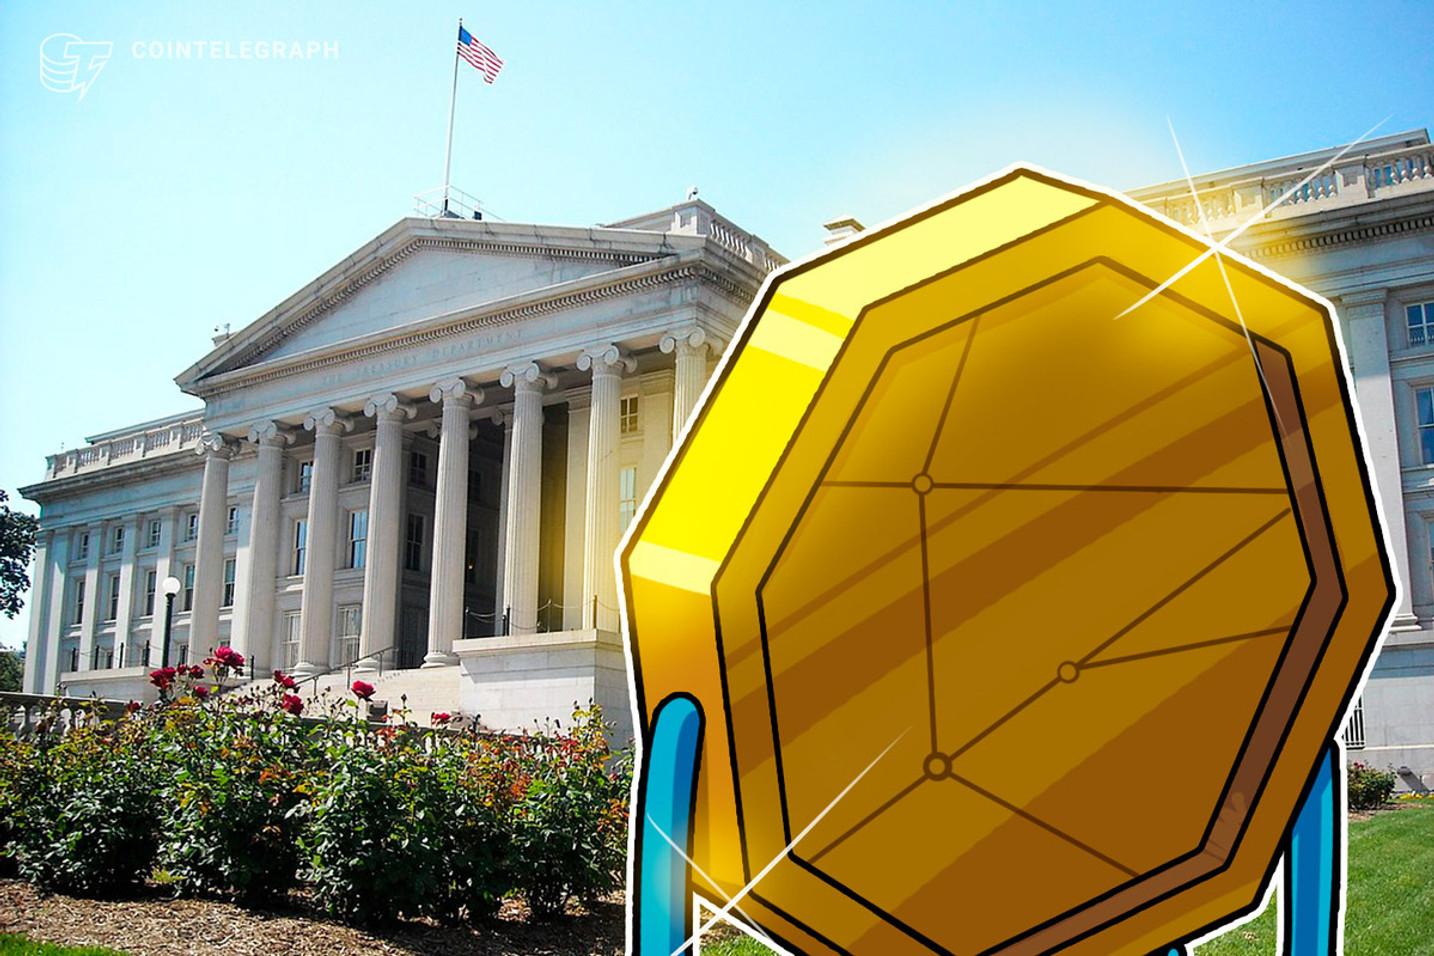 Vice Segretario al Tesoro degli Stati Uniti: le criptovalute sollevano domande sul governo autonomo